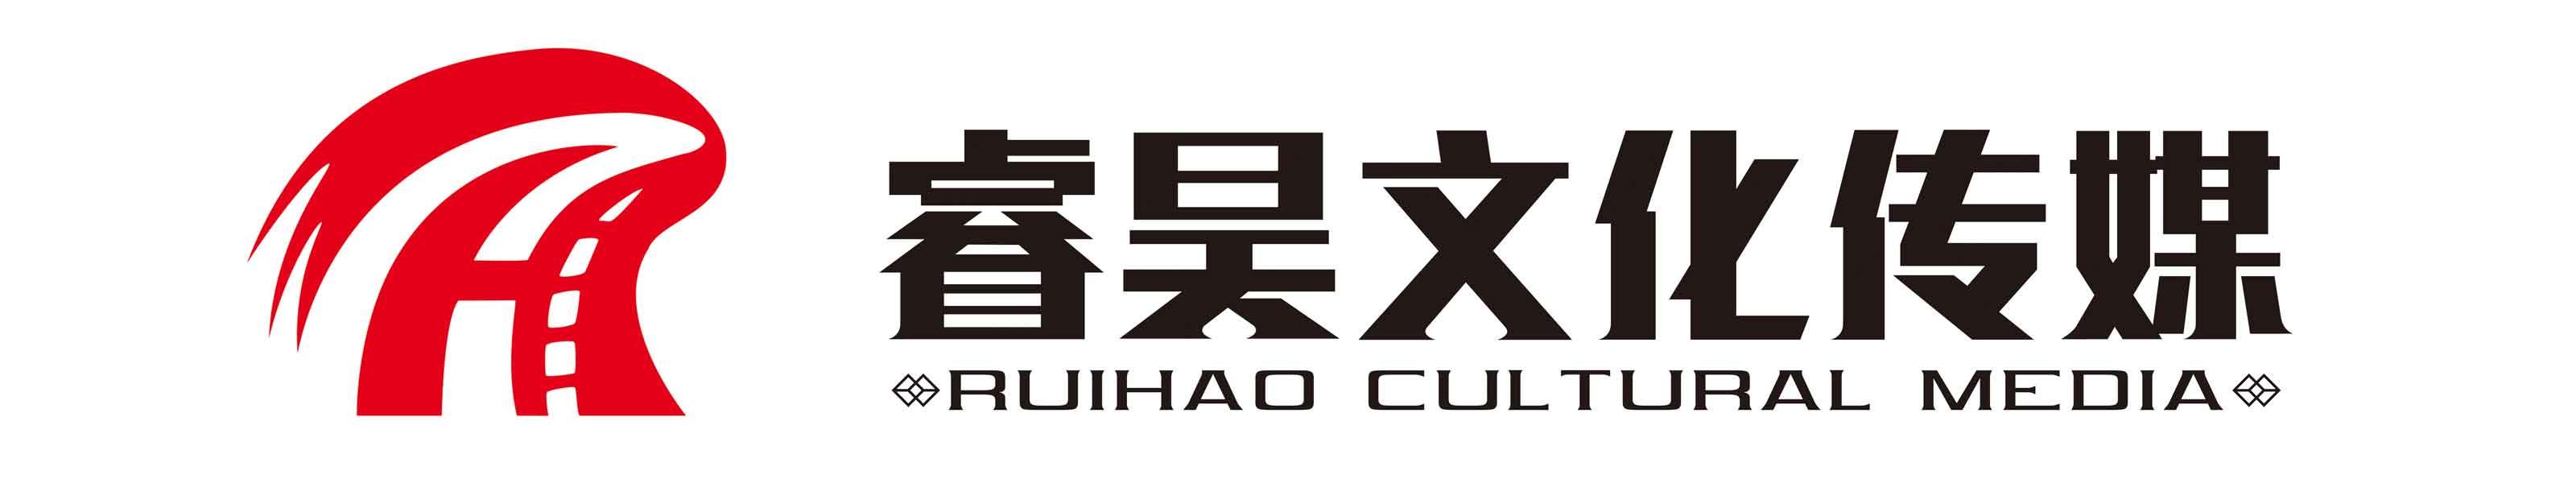 重庆睿昊文化传媒有限公司